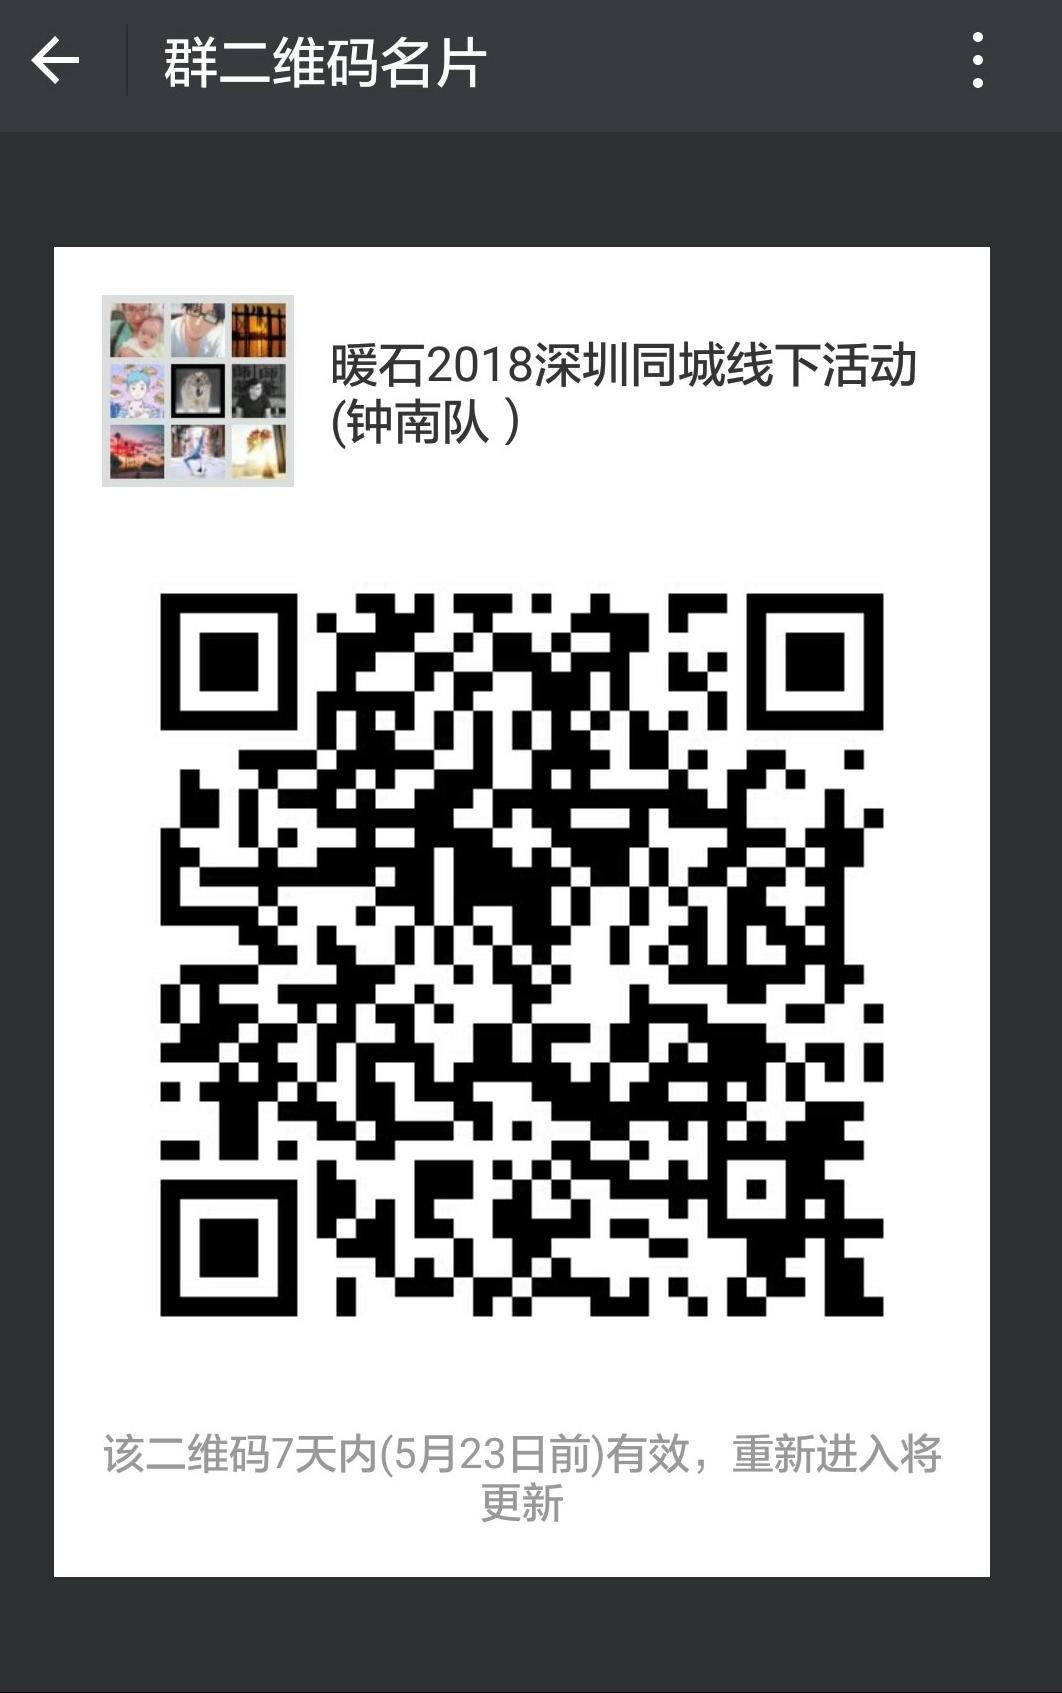 微信图片_20180516155910.jpg